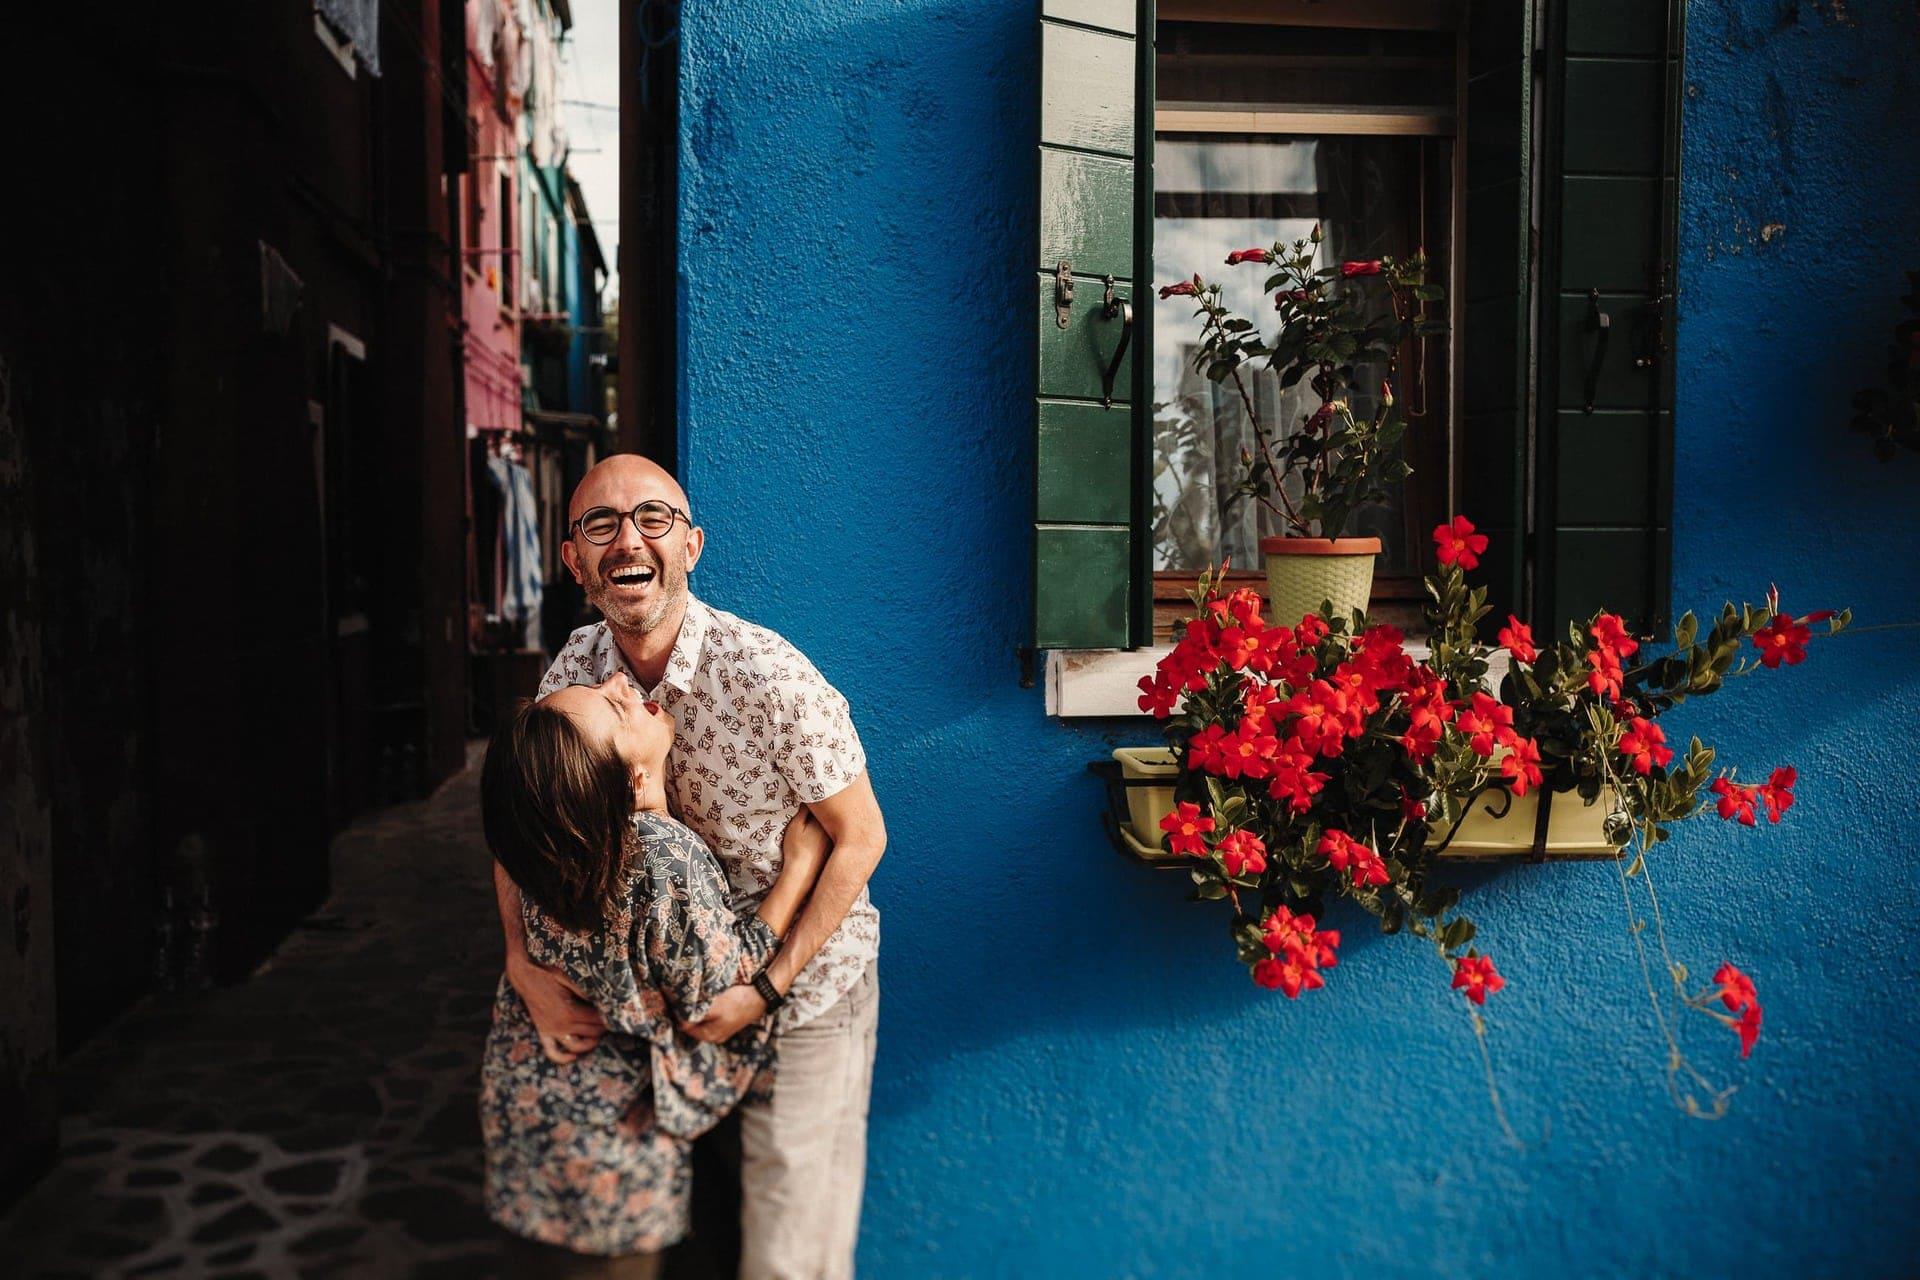 fotografo-boda-galicia-venecia